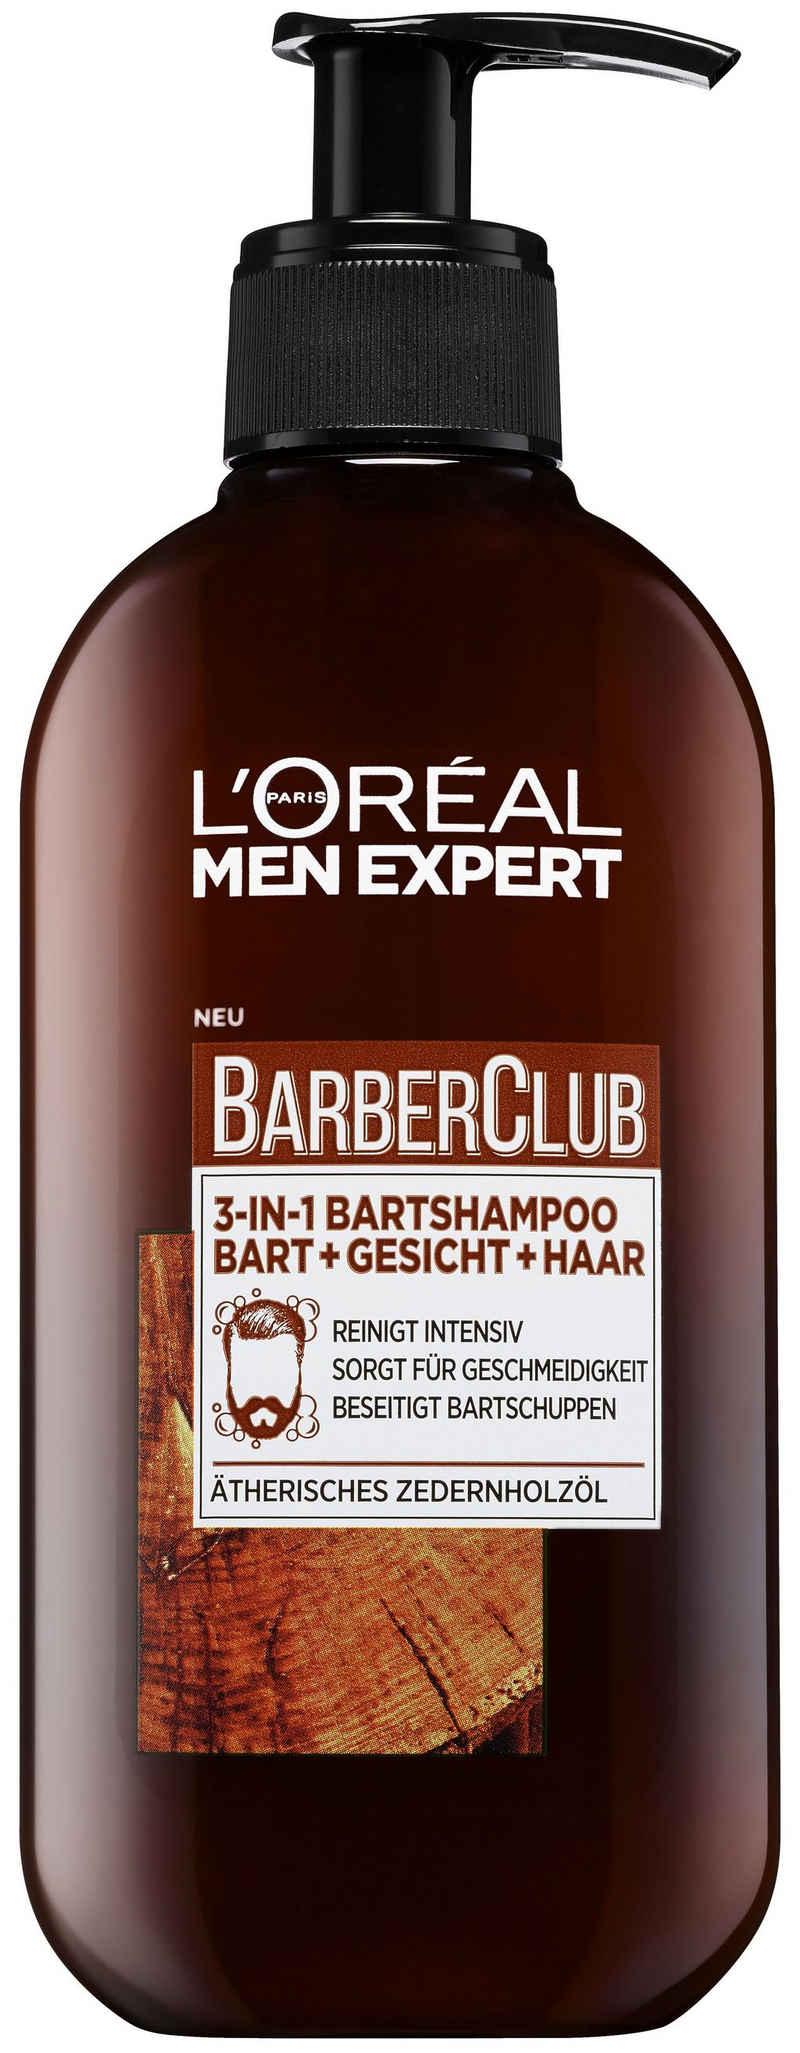 L'ORÉAL PARIS MEN EXPERT Bartshampoo »Barber Club«, beseitigt Bartschuppen & jegliche Gerüche